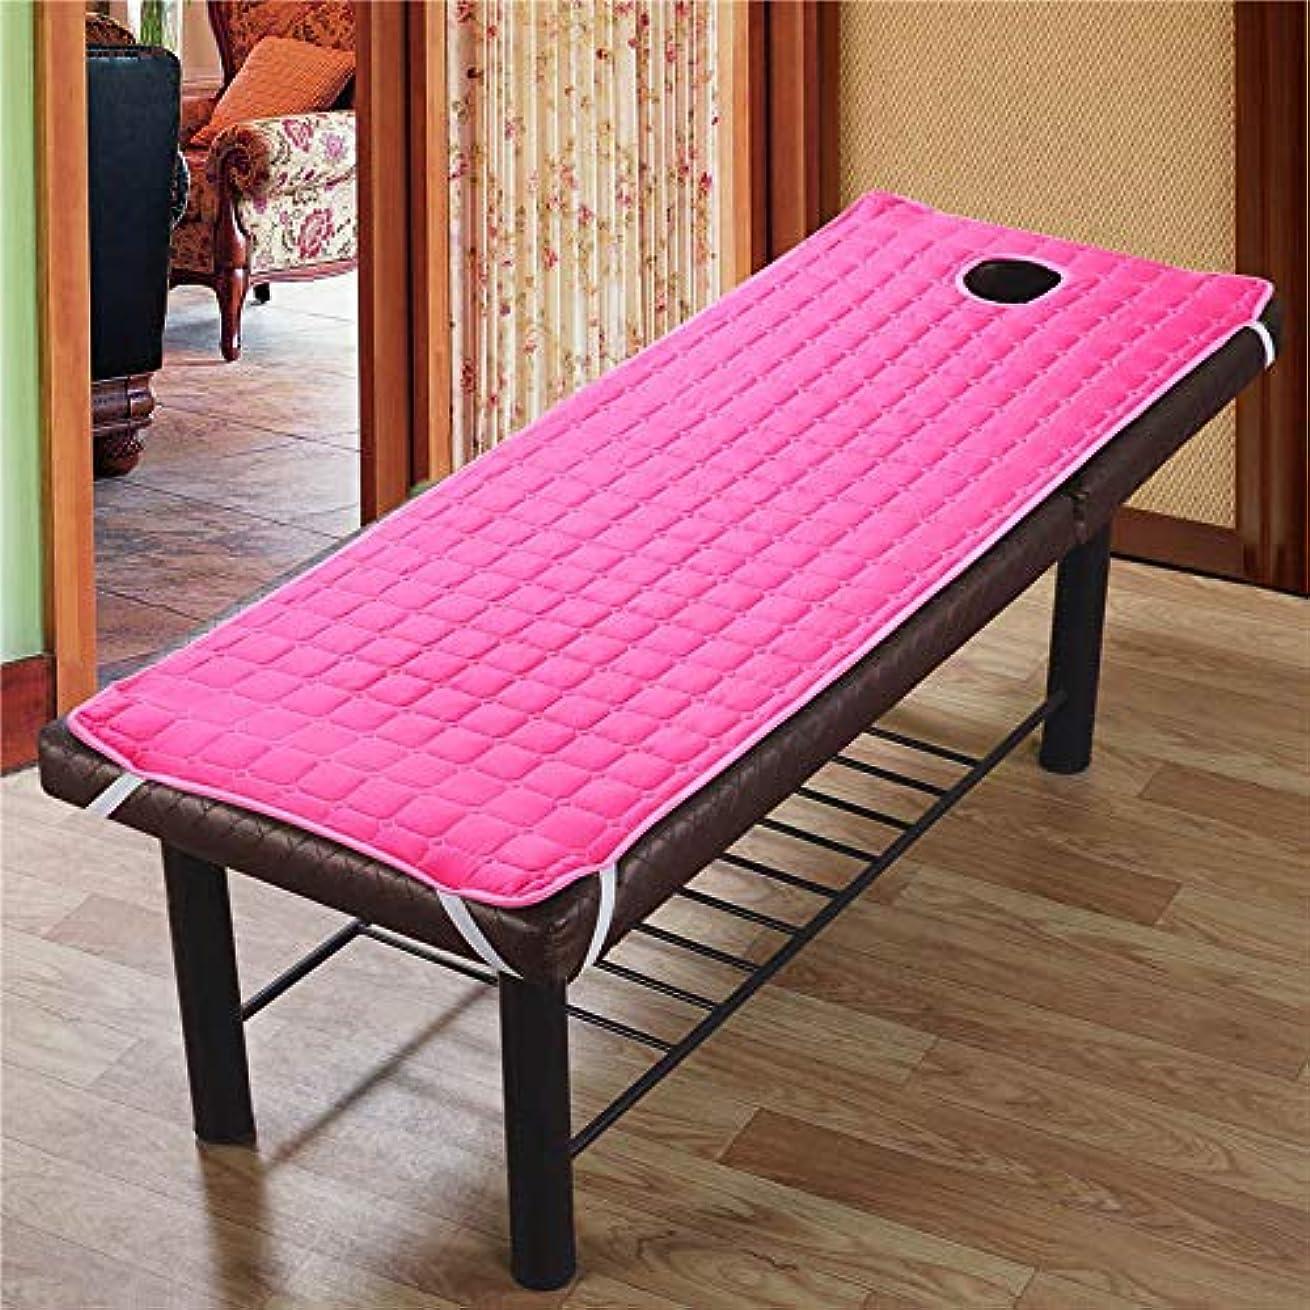 ハイジャック酔っ払い光のJanusSaja 美容院のマッサージ療法のベッドのための滑り止めのSoliod色の長方形のマットレス